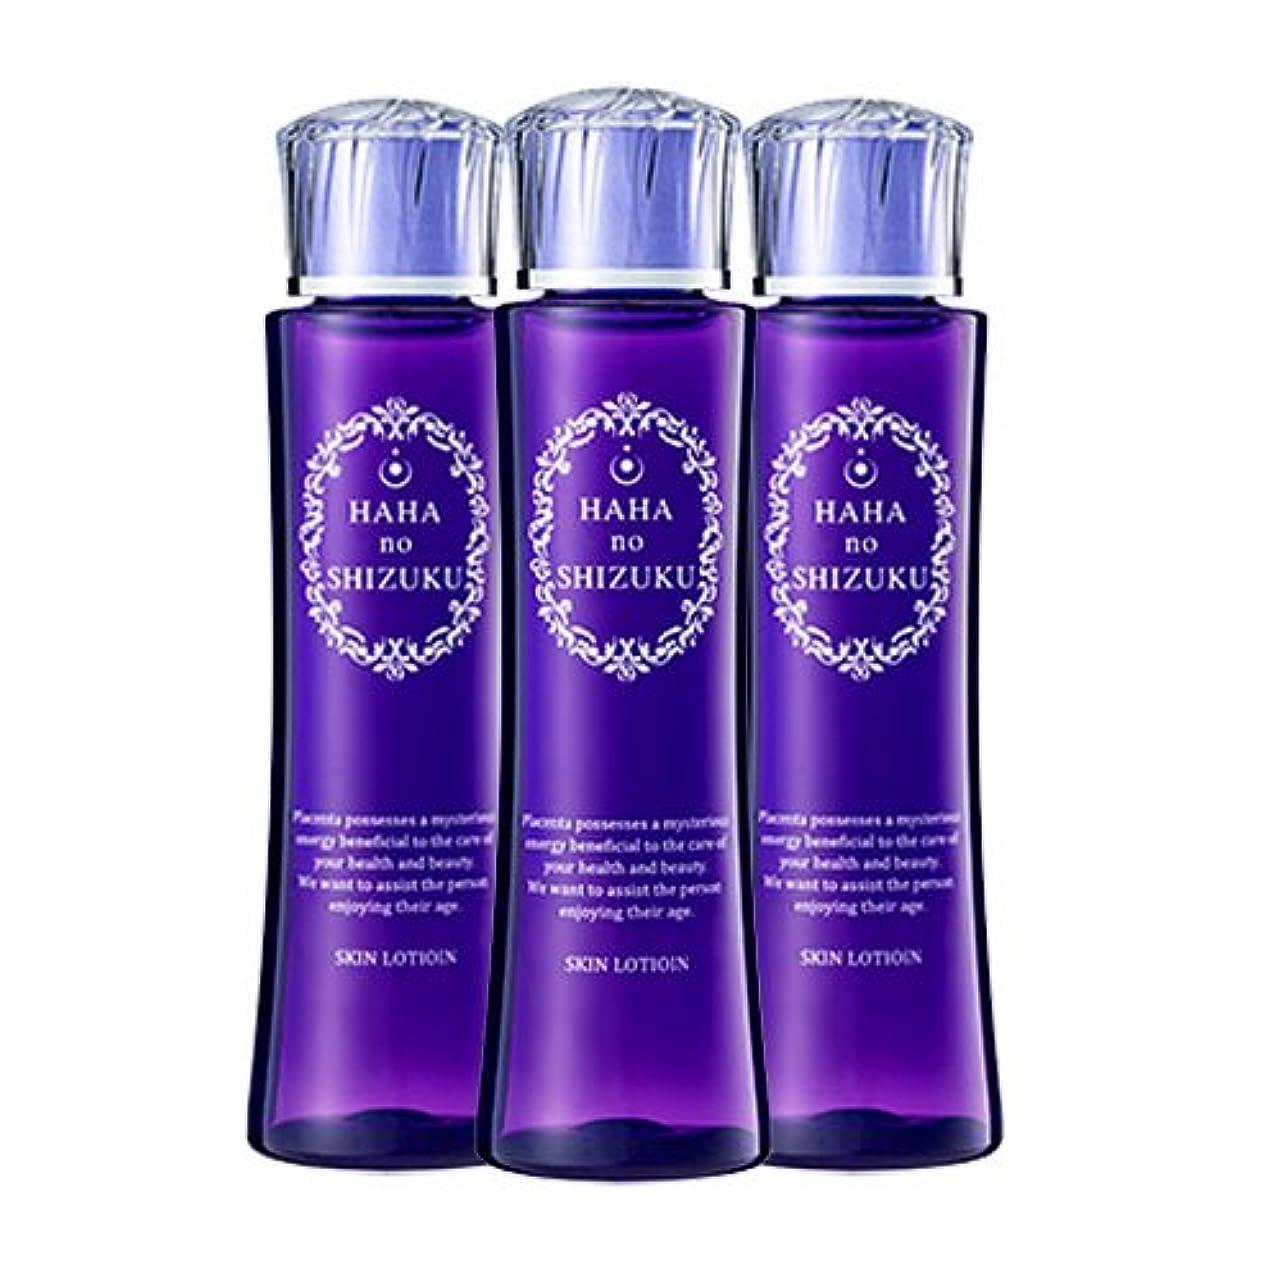 不屈王室試み母の滴 プラセンタ化粧水 3本セット 高濃度サラブレッドプラセンタ 配合 (122ml×3本) 天然コラーゲン ヒアルロン酸 エラスチン